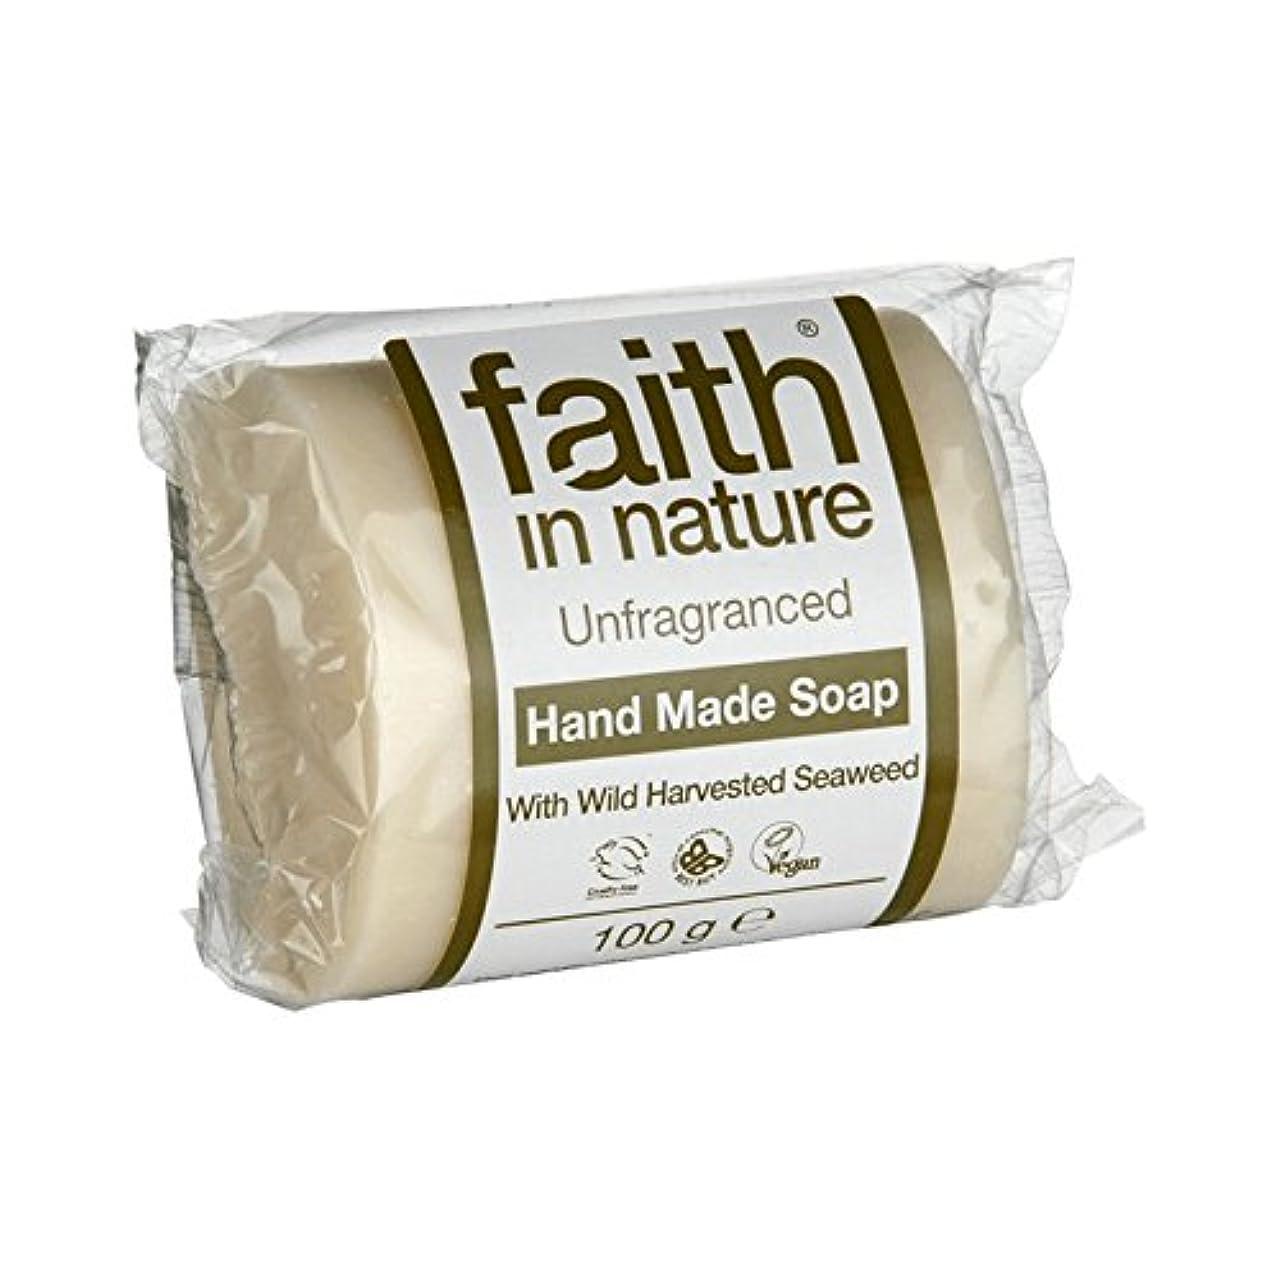 粘土ラケットクローゼットFaith in Nature Unfragranced Seaweed Soap 100g (Pack of 6) - 自然無香料海藻石鹸100グラムの信仰 (x6) [並行輸入品]